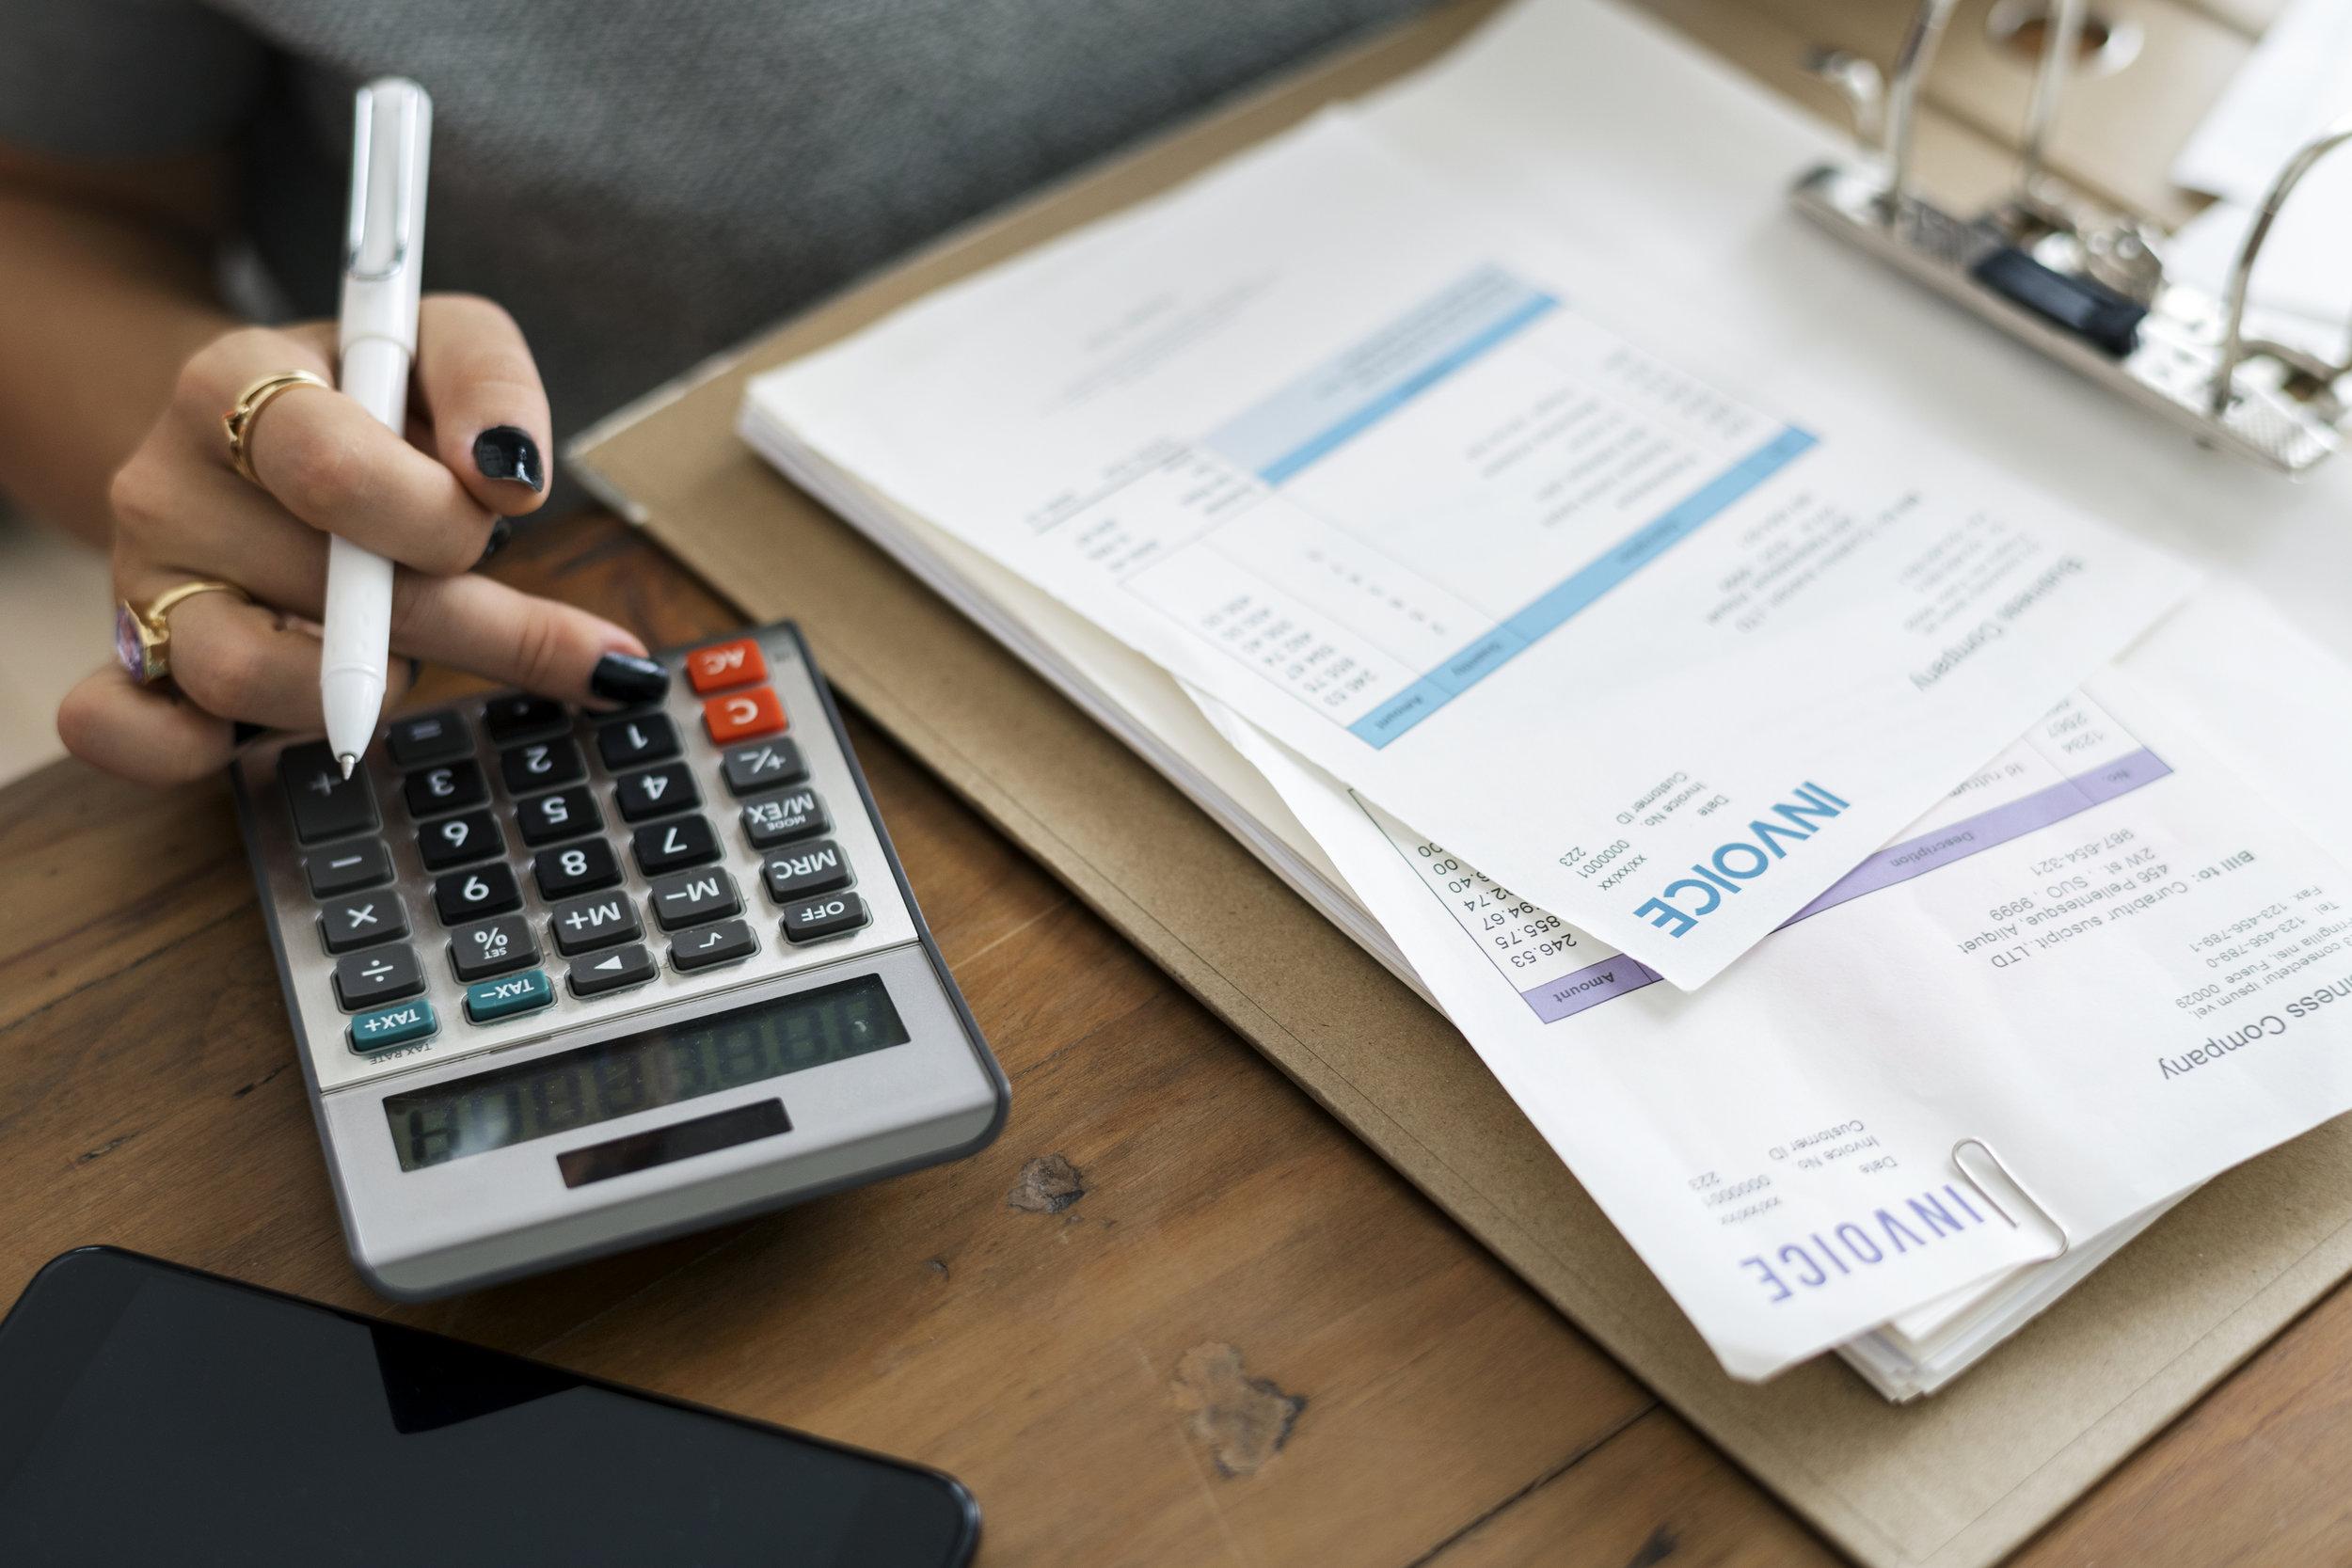 Leasing - Op zoek naar een flexibele oplossing die indien nodig meegroeit met uw onderneming?